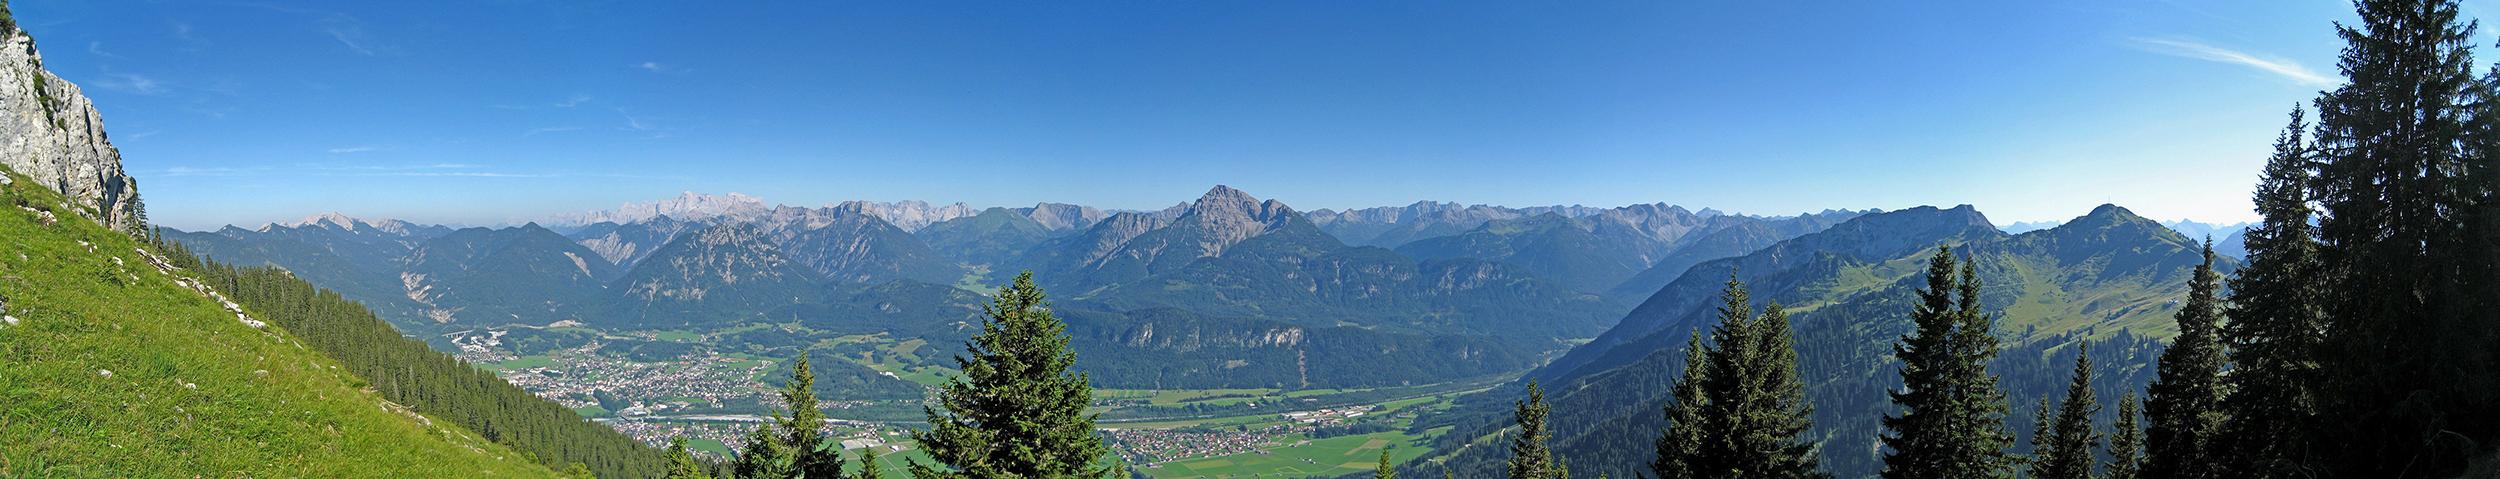 Panorama von unterhalb der Blachenspitze in den Reuttener Talkessel hinab